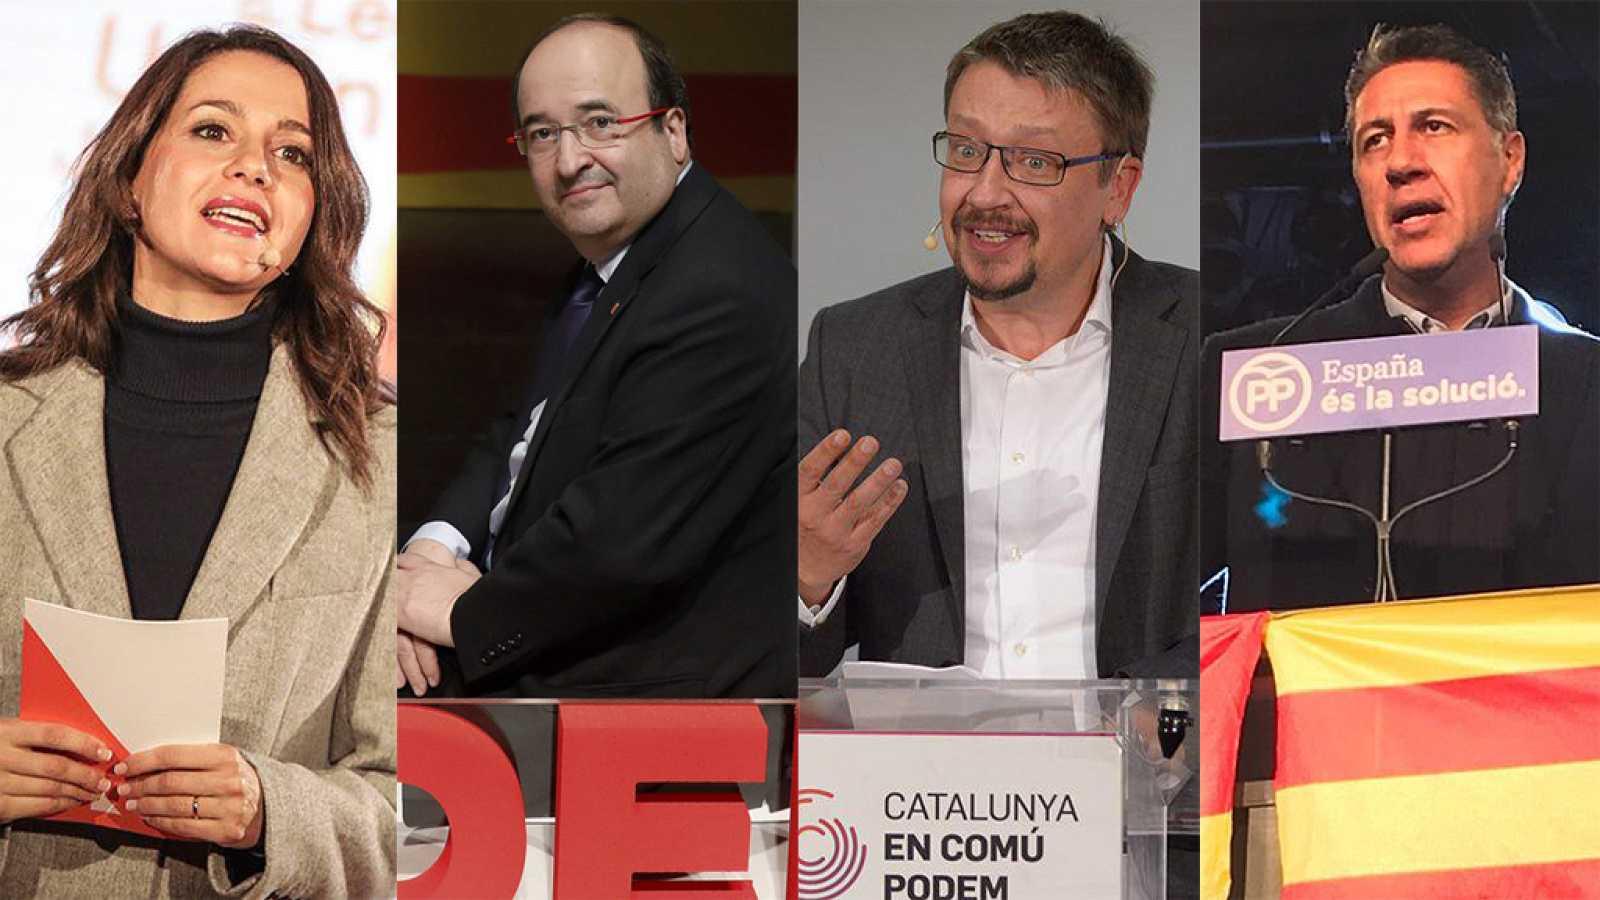 56f481912 Inicio de la campaña de las elecciones catalanas del 21-D reproducir video